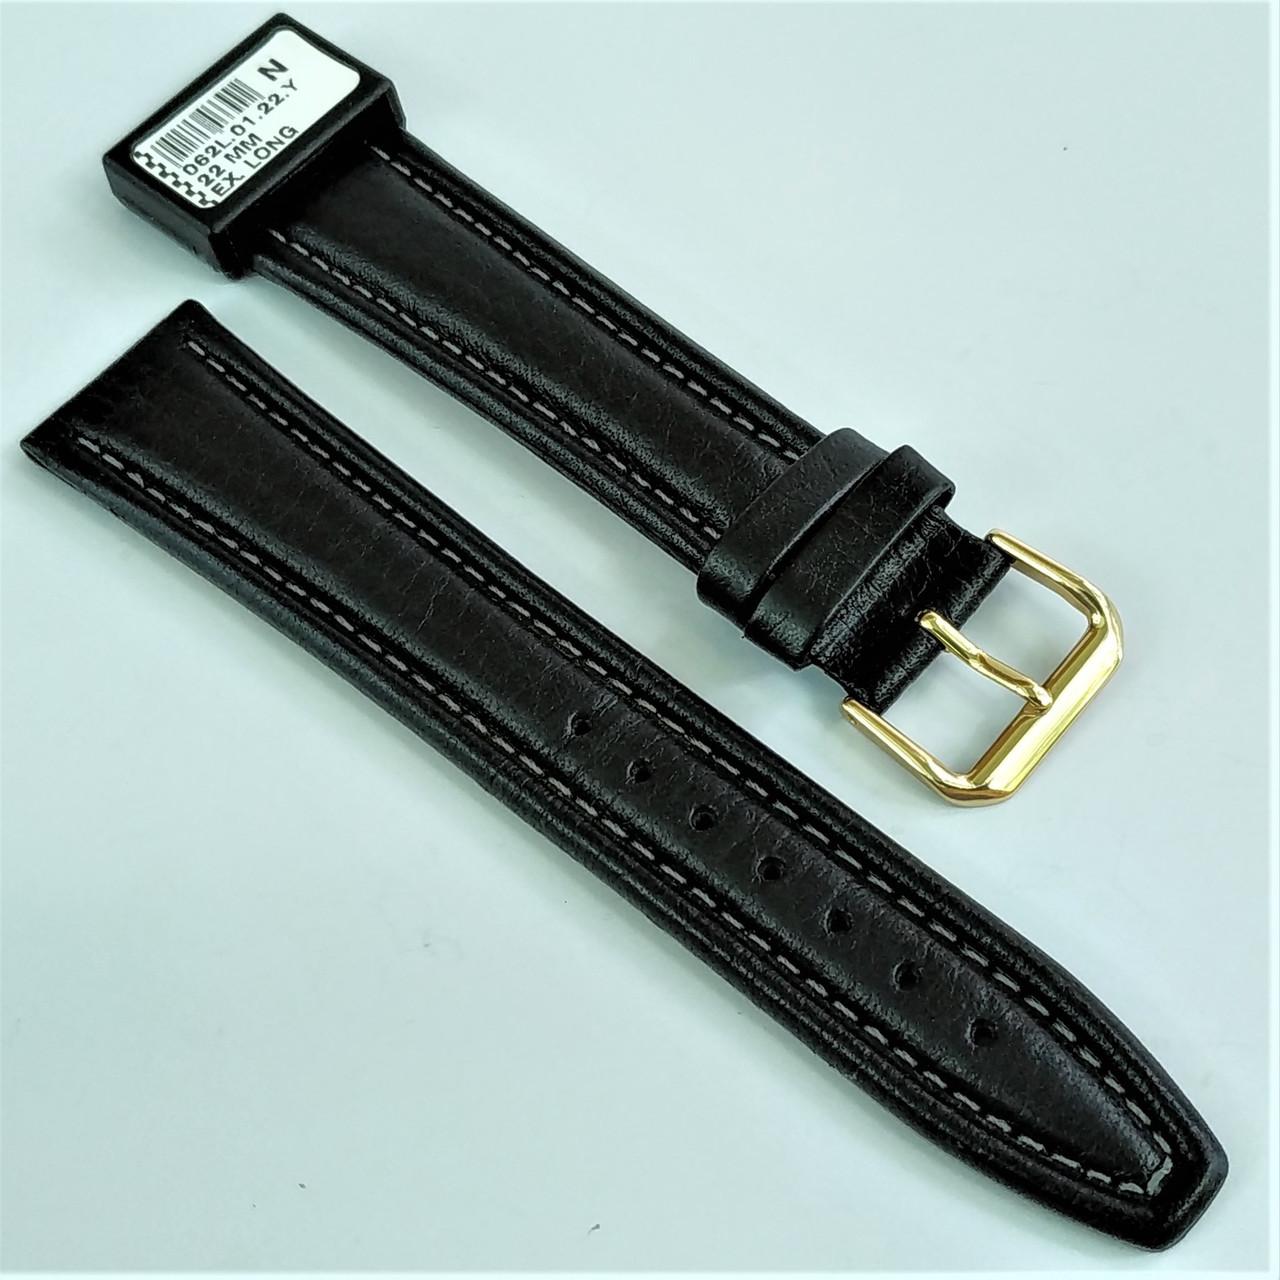 22 мм Кожаный Ремешок для часов CONDOR 062L.22.01 Черный Ремешок на часы из Натуральной кожи удлиненный